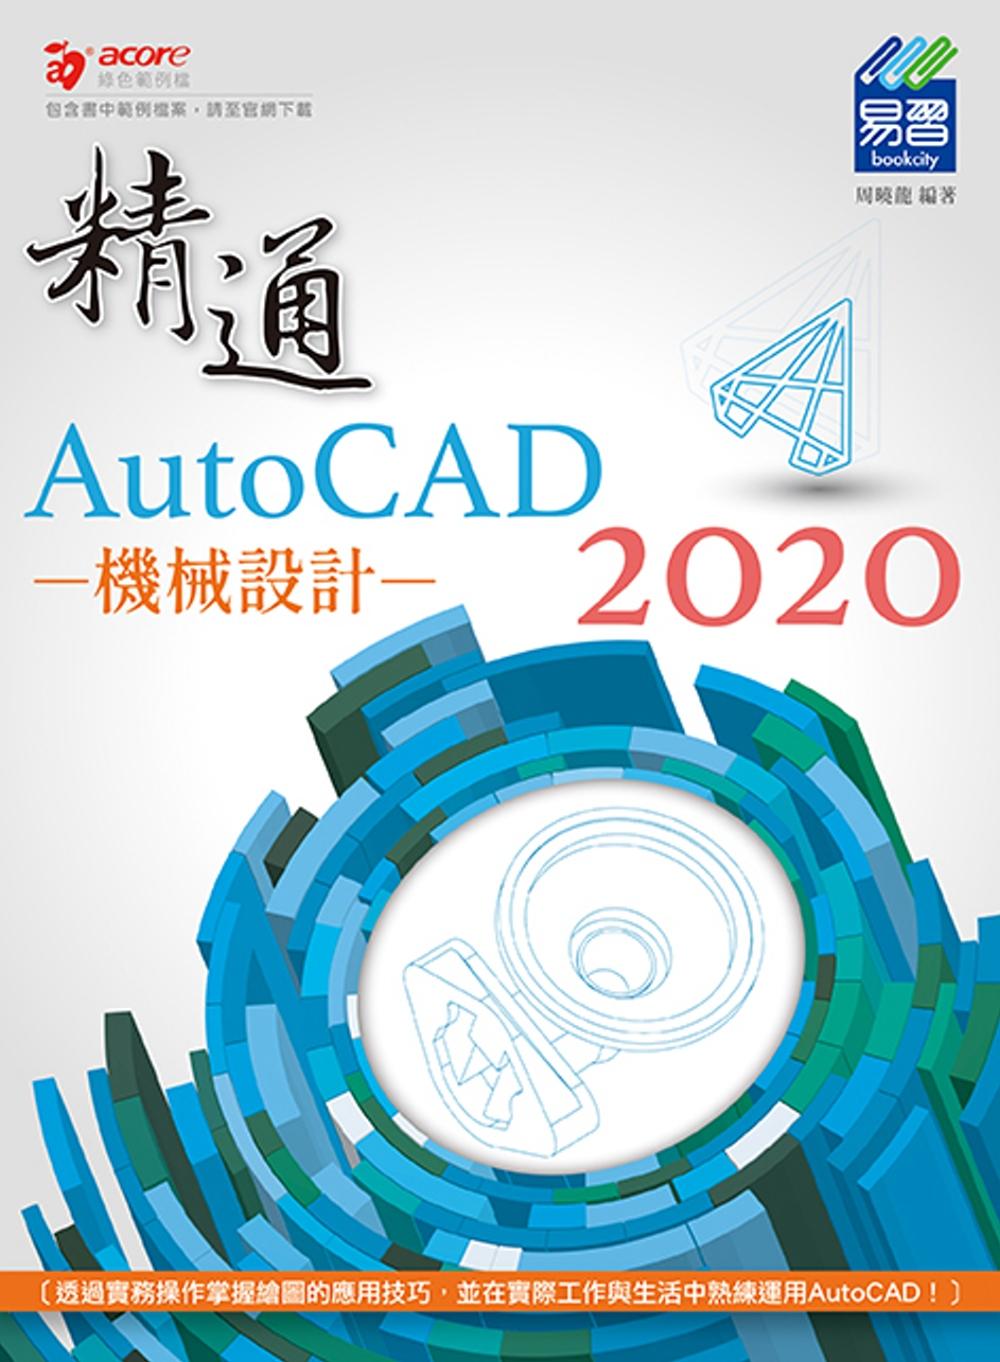 精通 AutoCAD 2020 機械設計